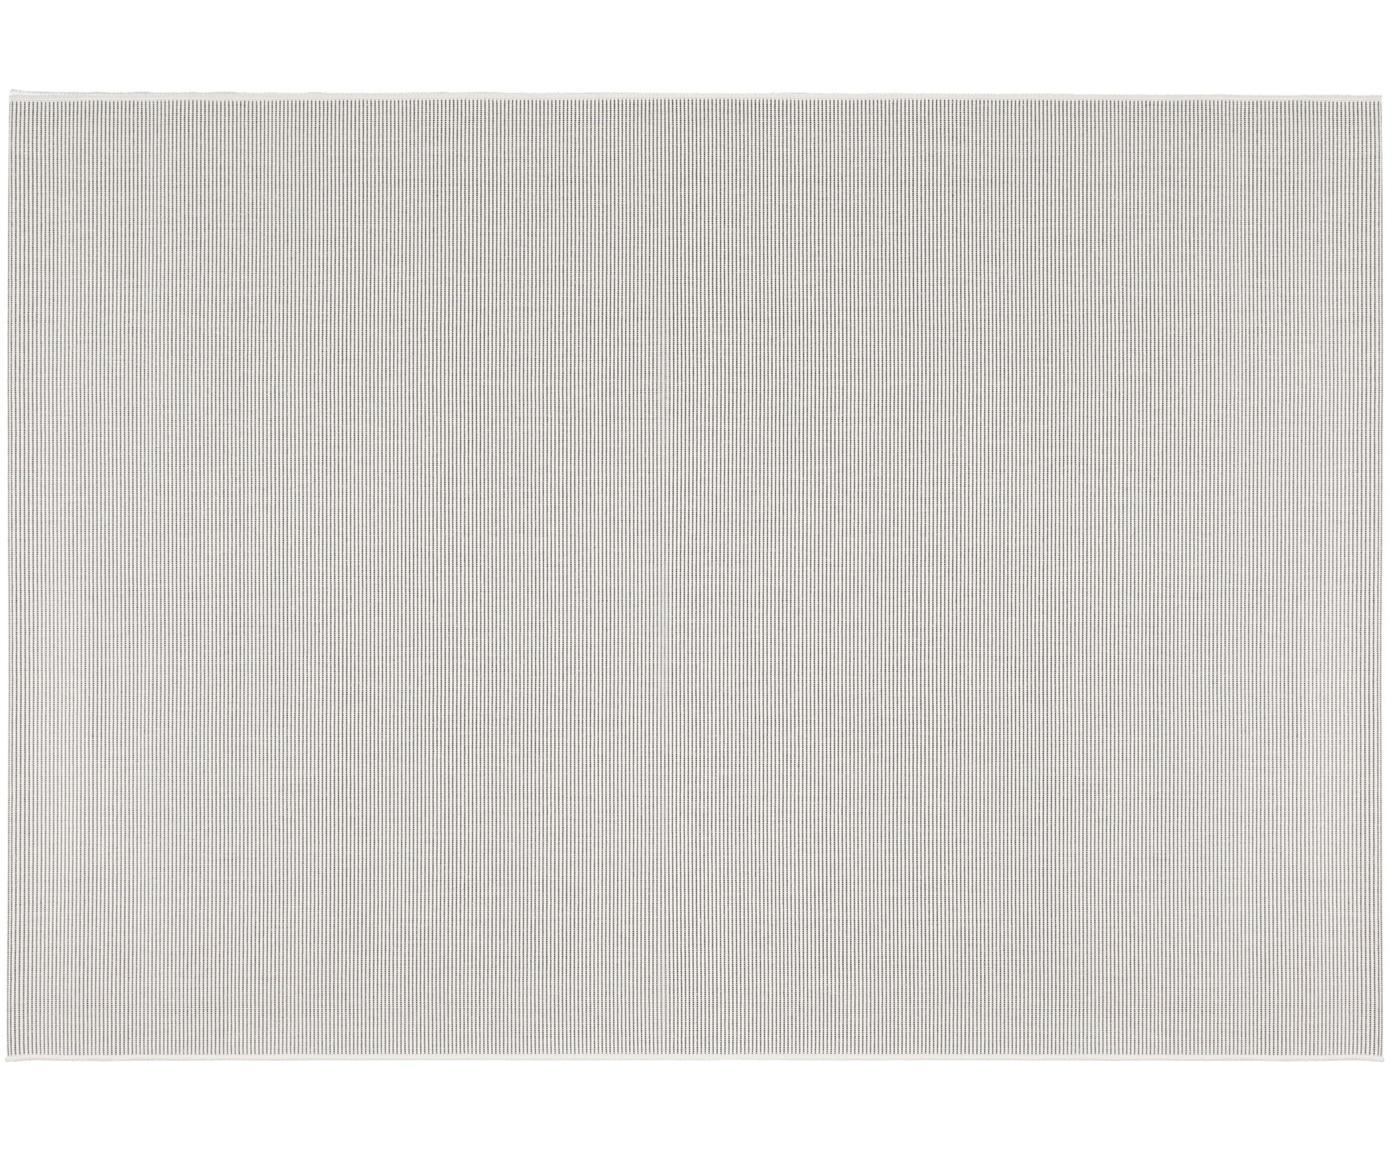 In- & Outdoor-Teppich Metro, 100% Polypropylen, Gebrochenes Weiß, B 80 x L 150 cm (Größe XS)